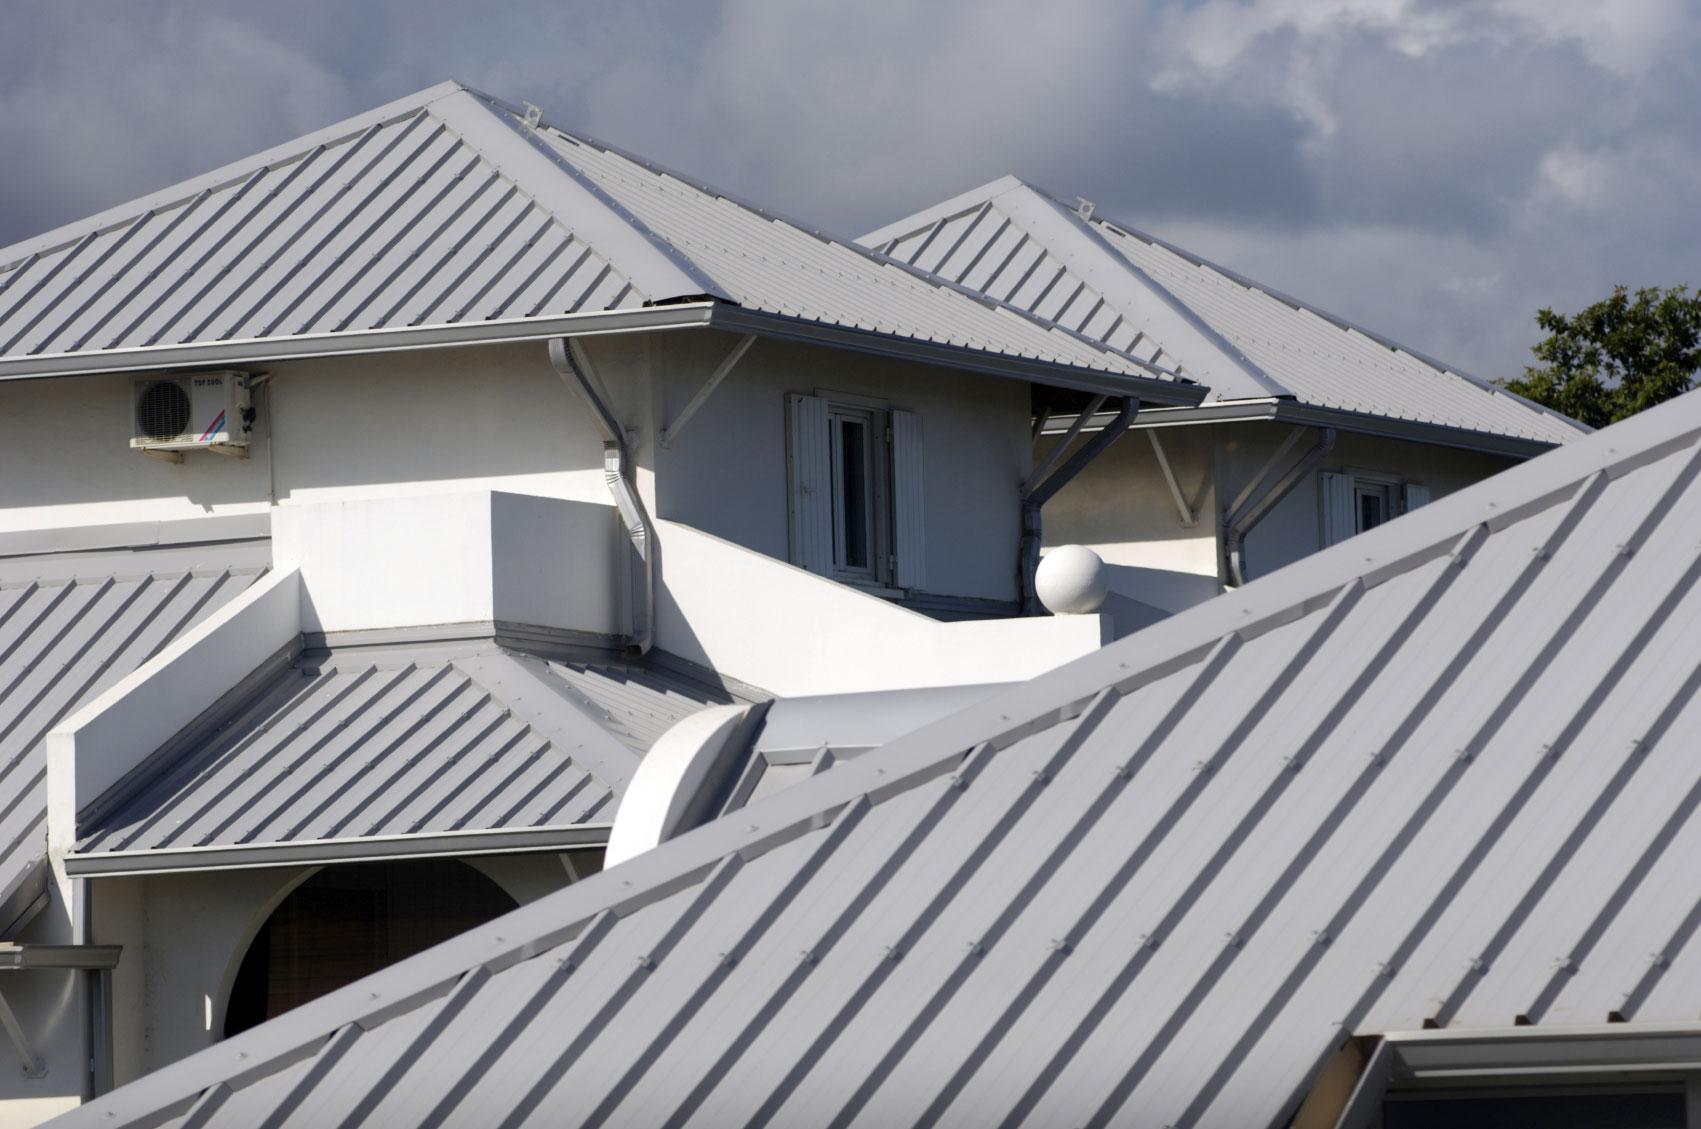 Aluminum Roofing Specialists Serving San Antonio